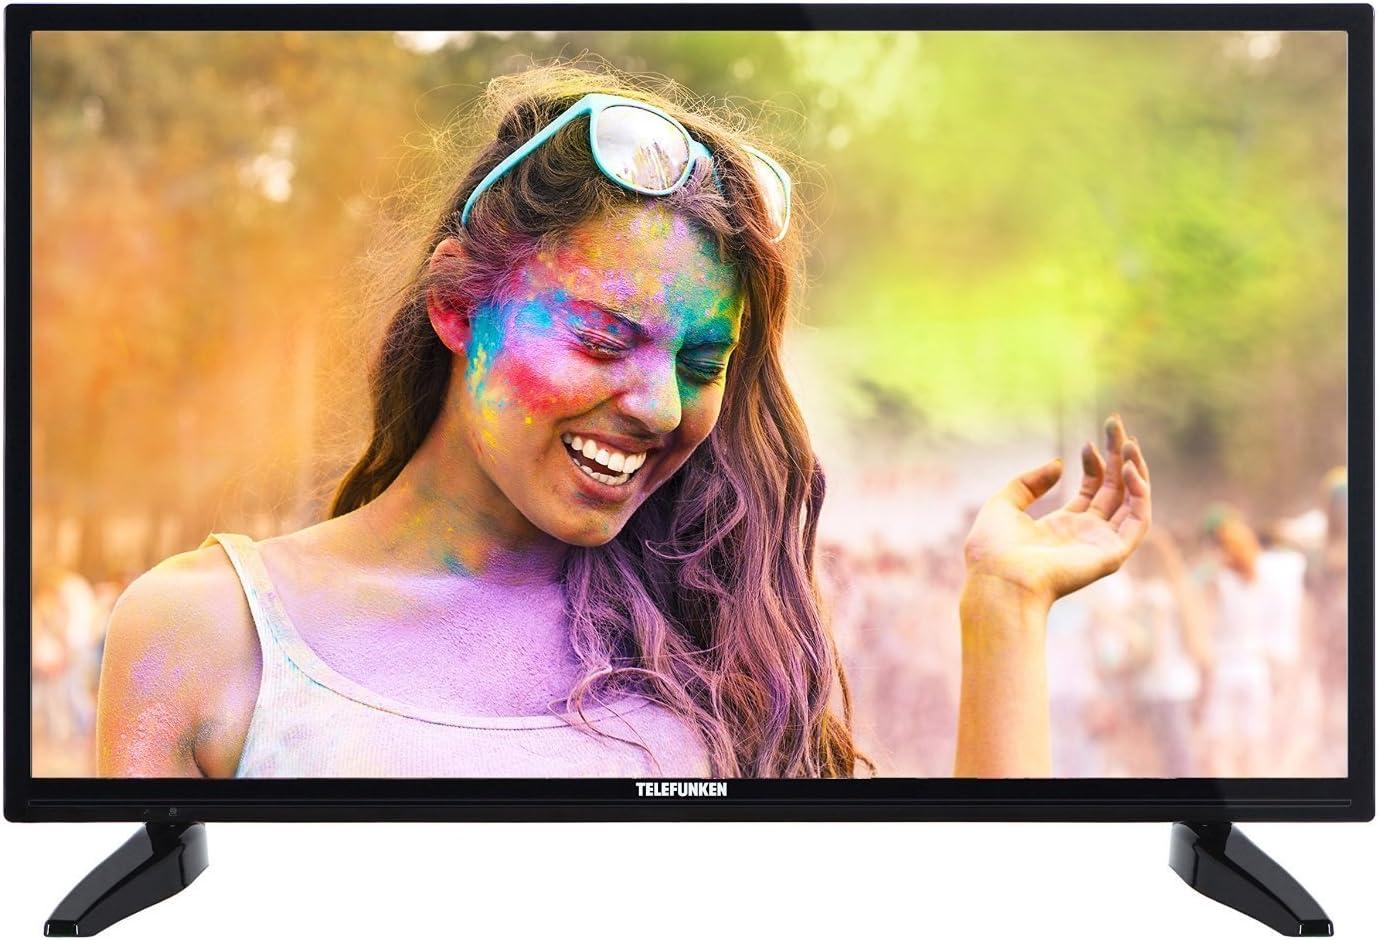 Telefunken xf32b100 81 cm (32 Pulgadas) televisor (Full HD, sintonizador Triple), Color Negro: Amazon.es: Electrónica